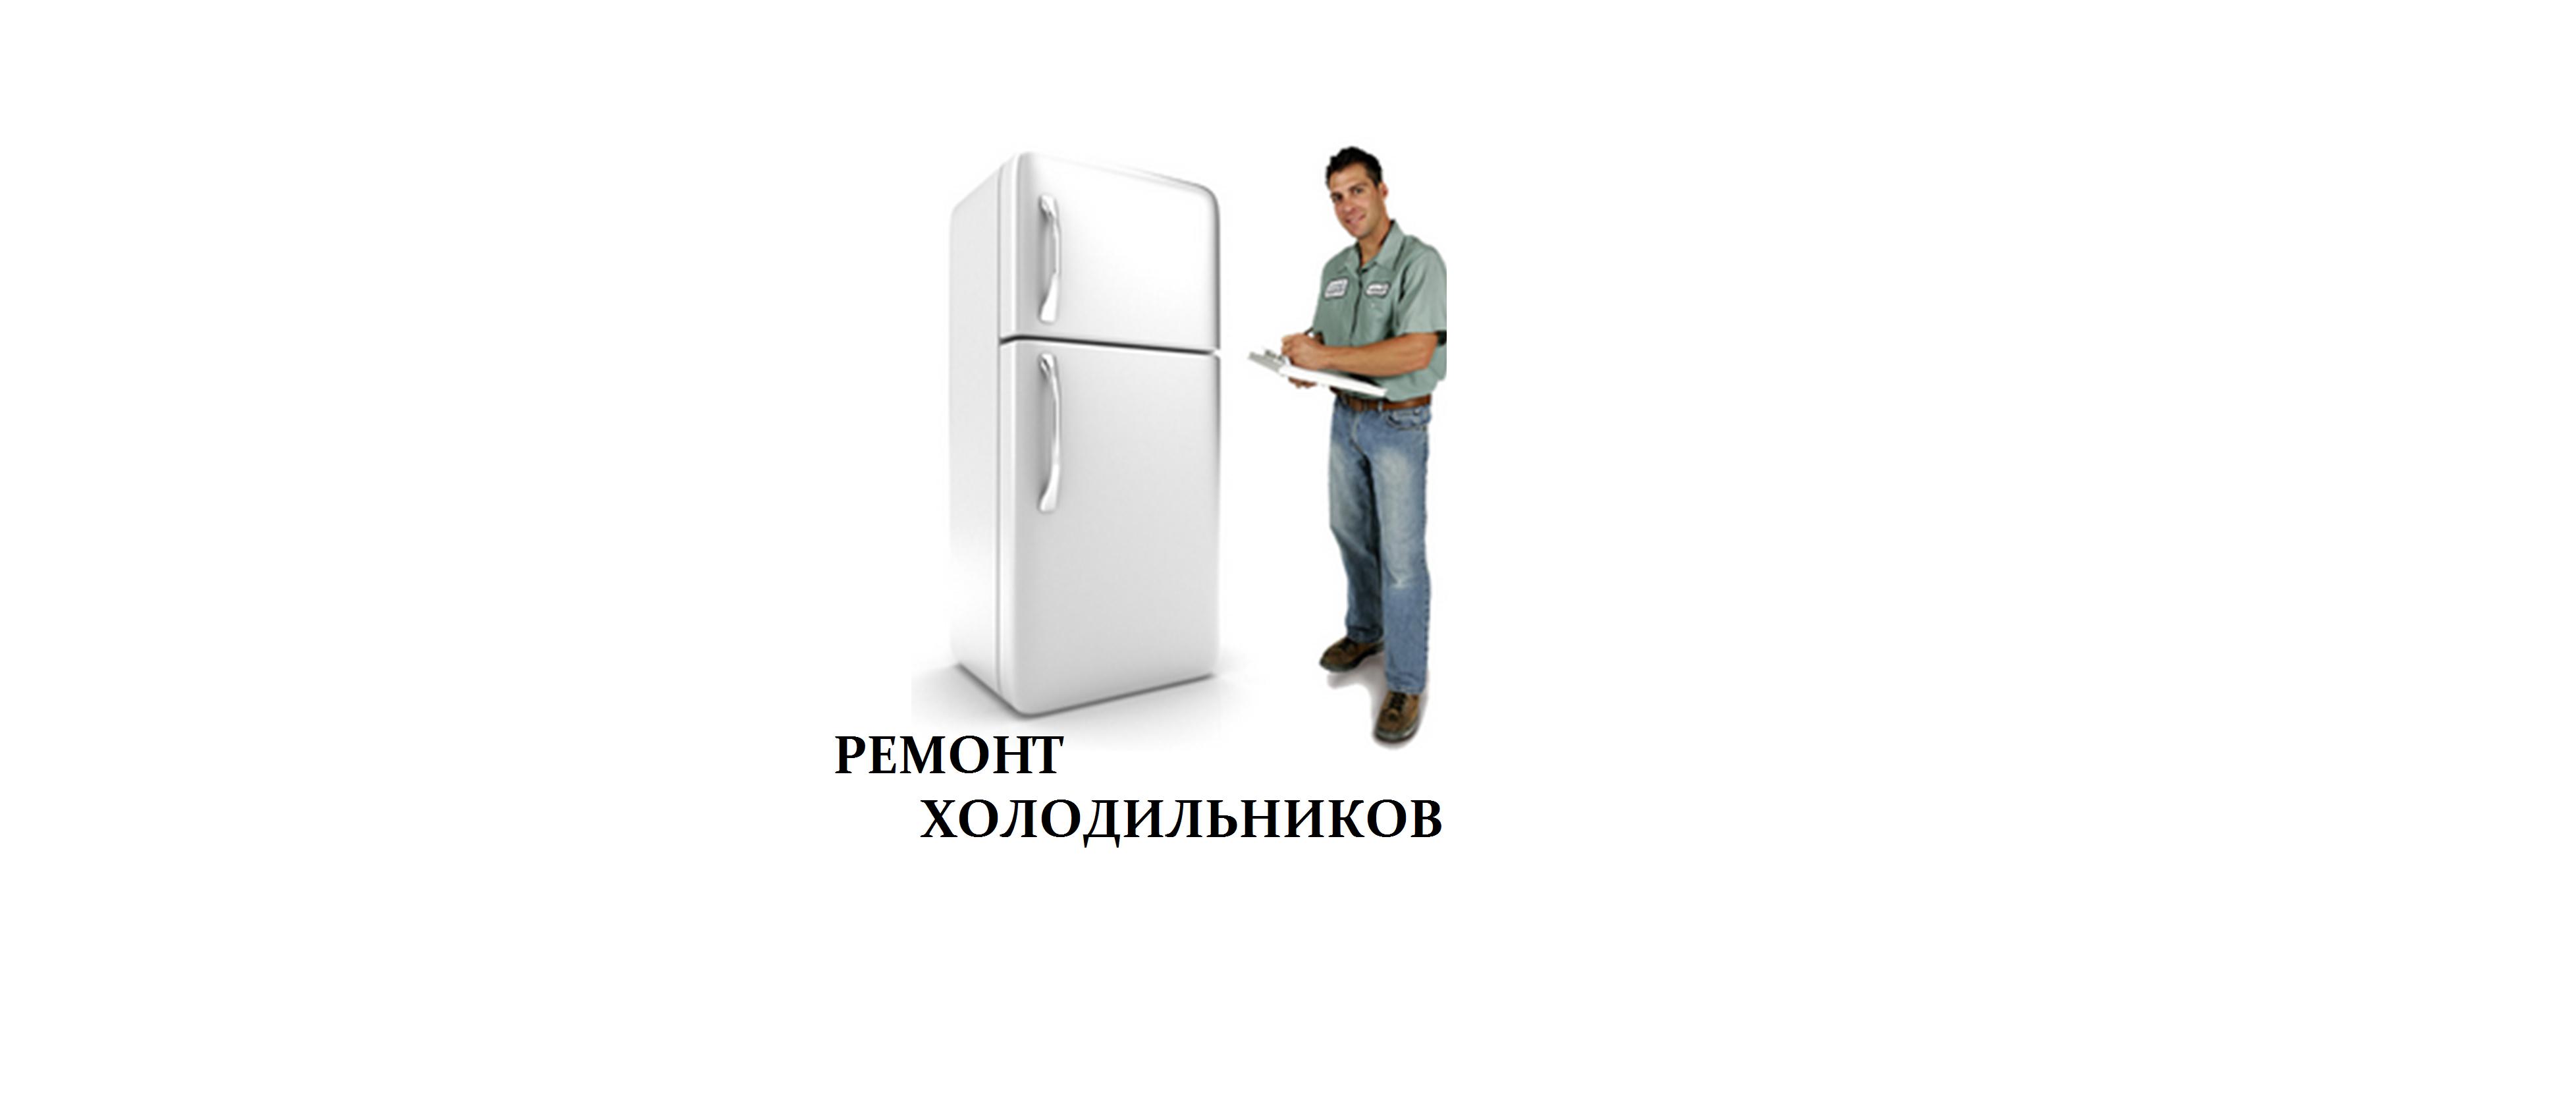 Ремонт холодильников post thumbnail image